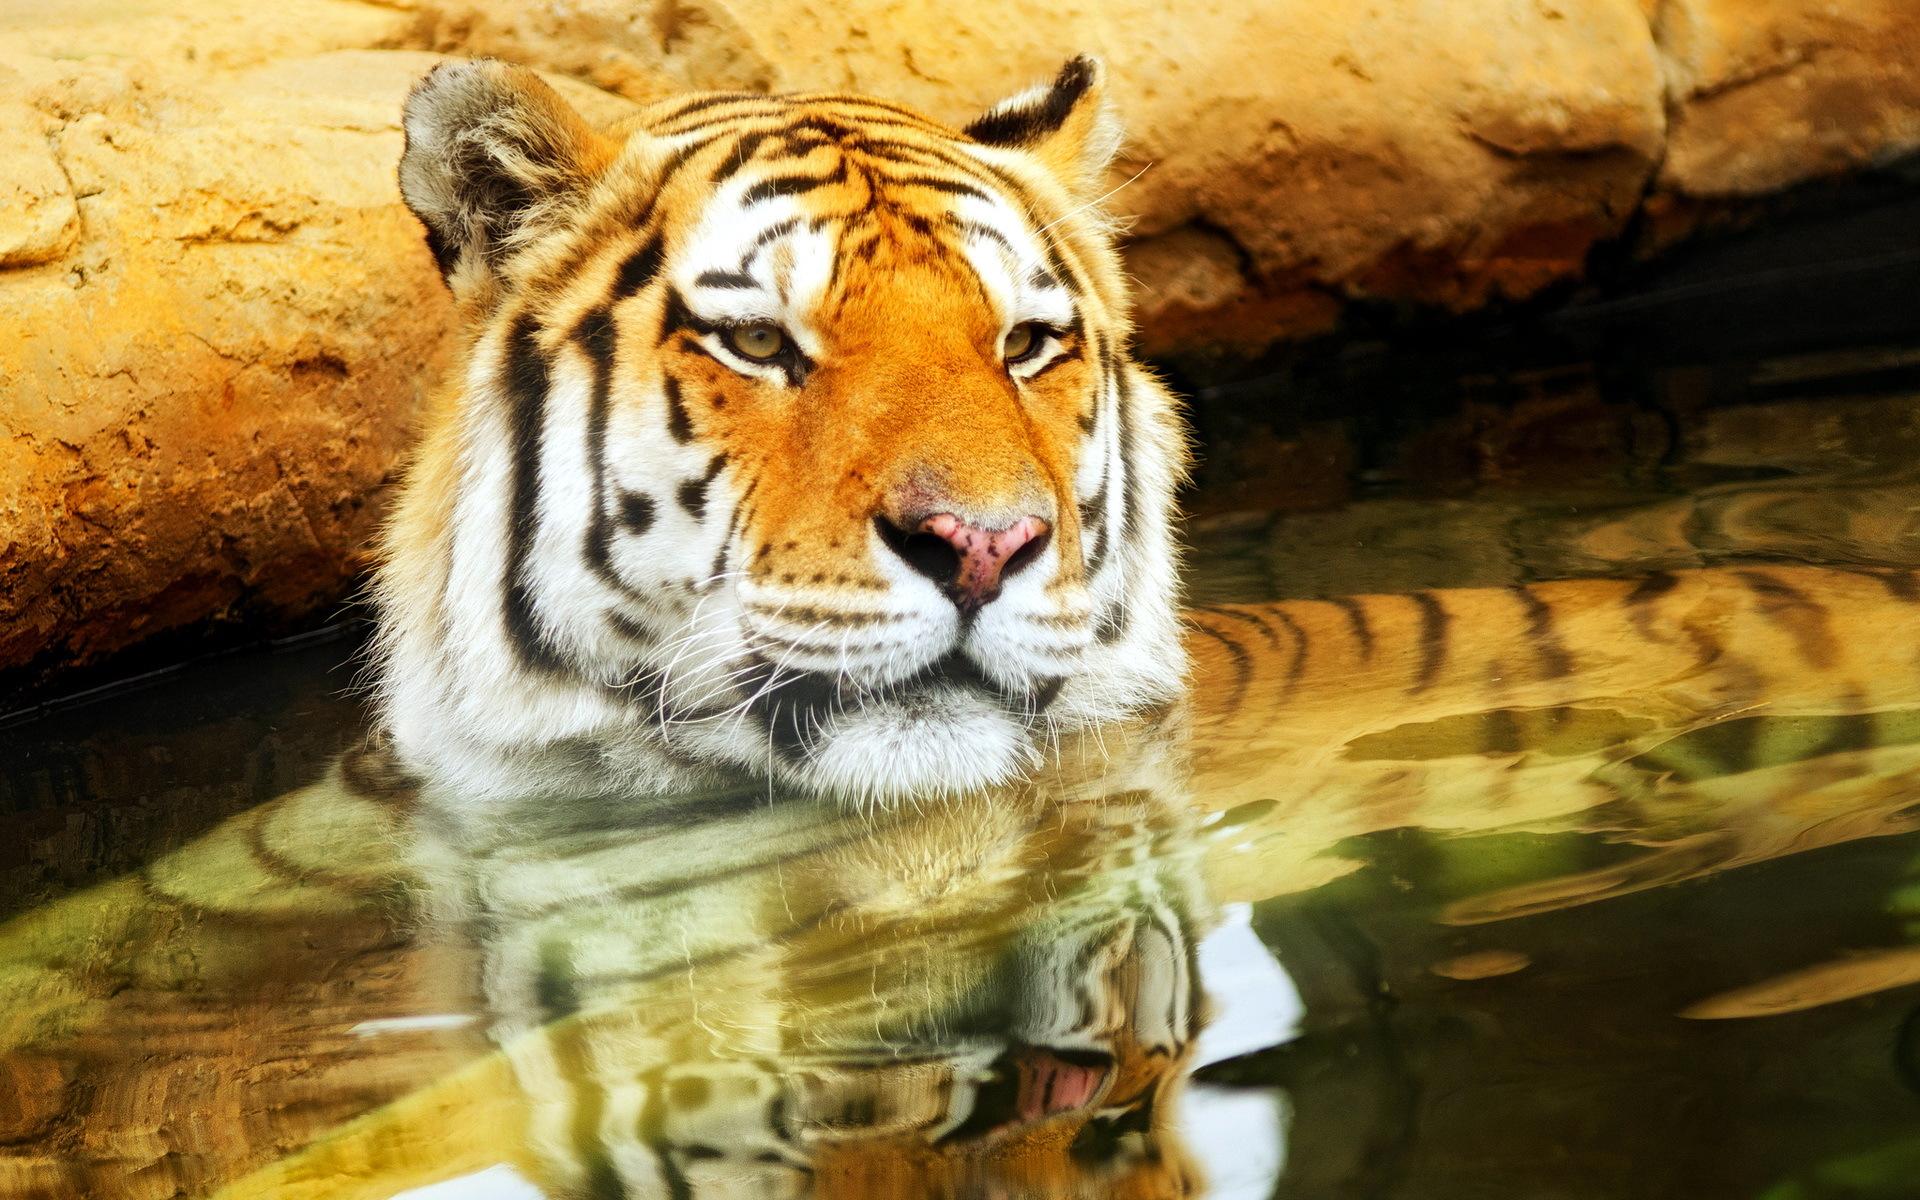 природа животные тигры  № 99271 бесплатно